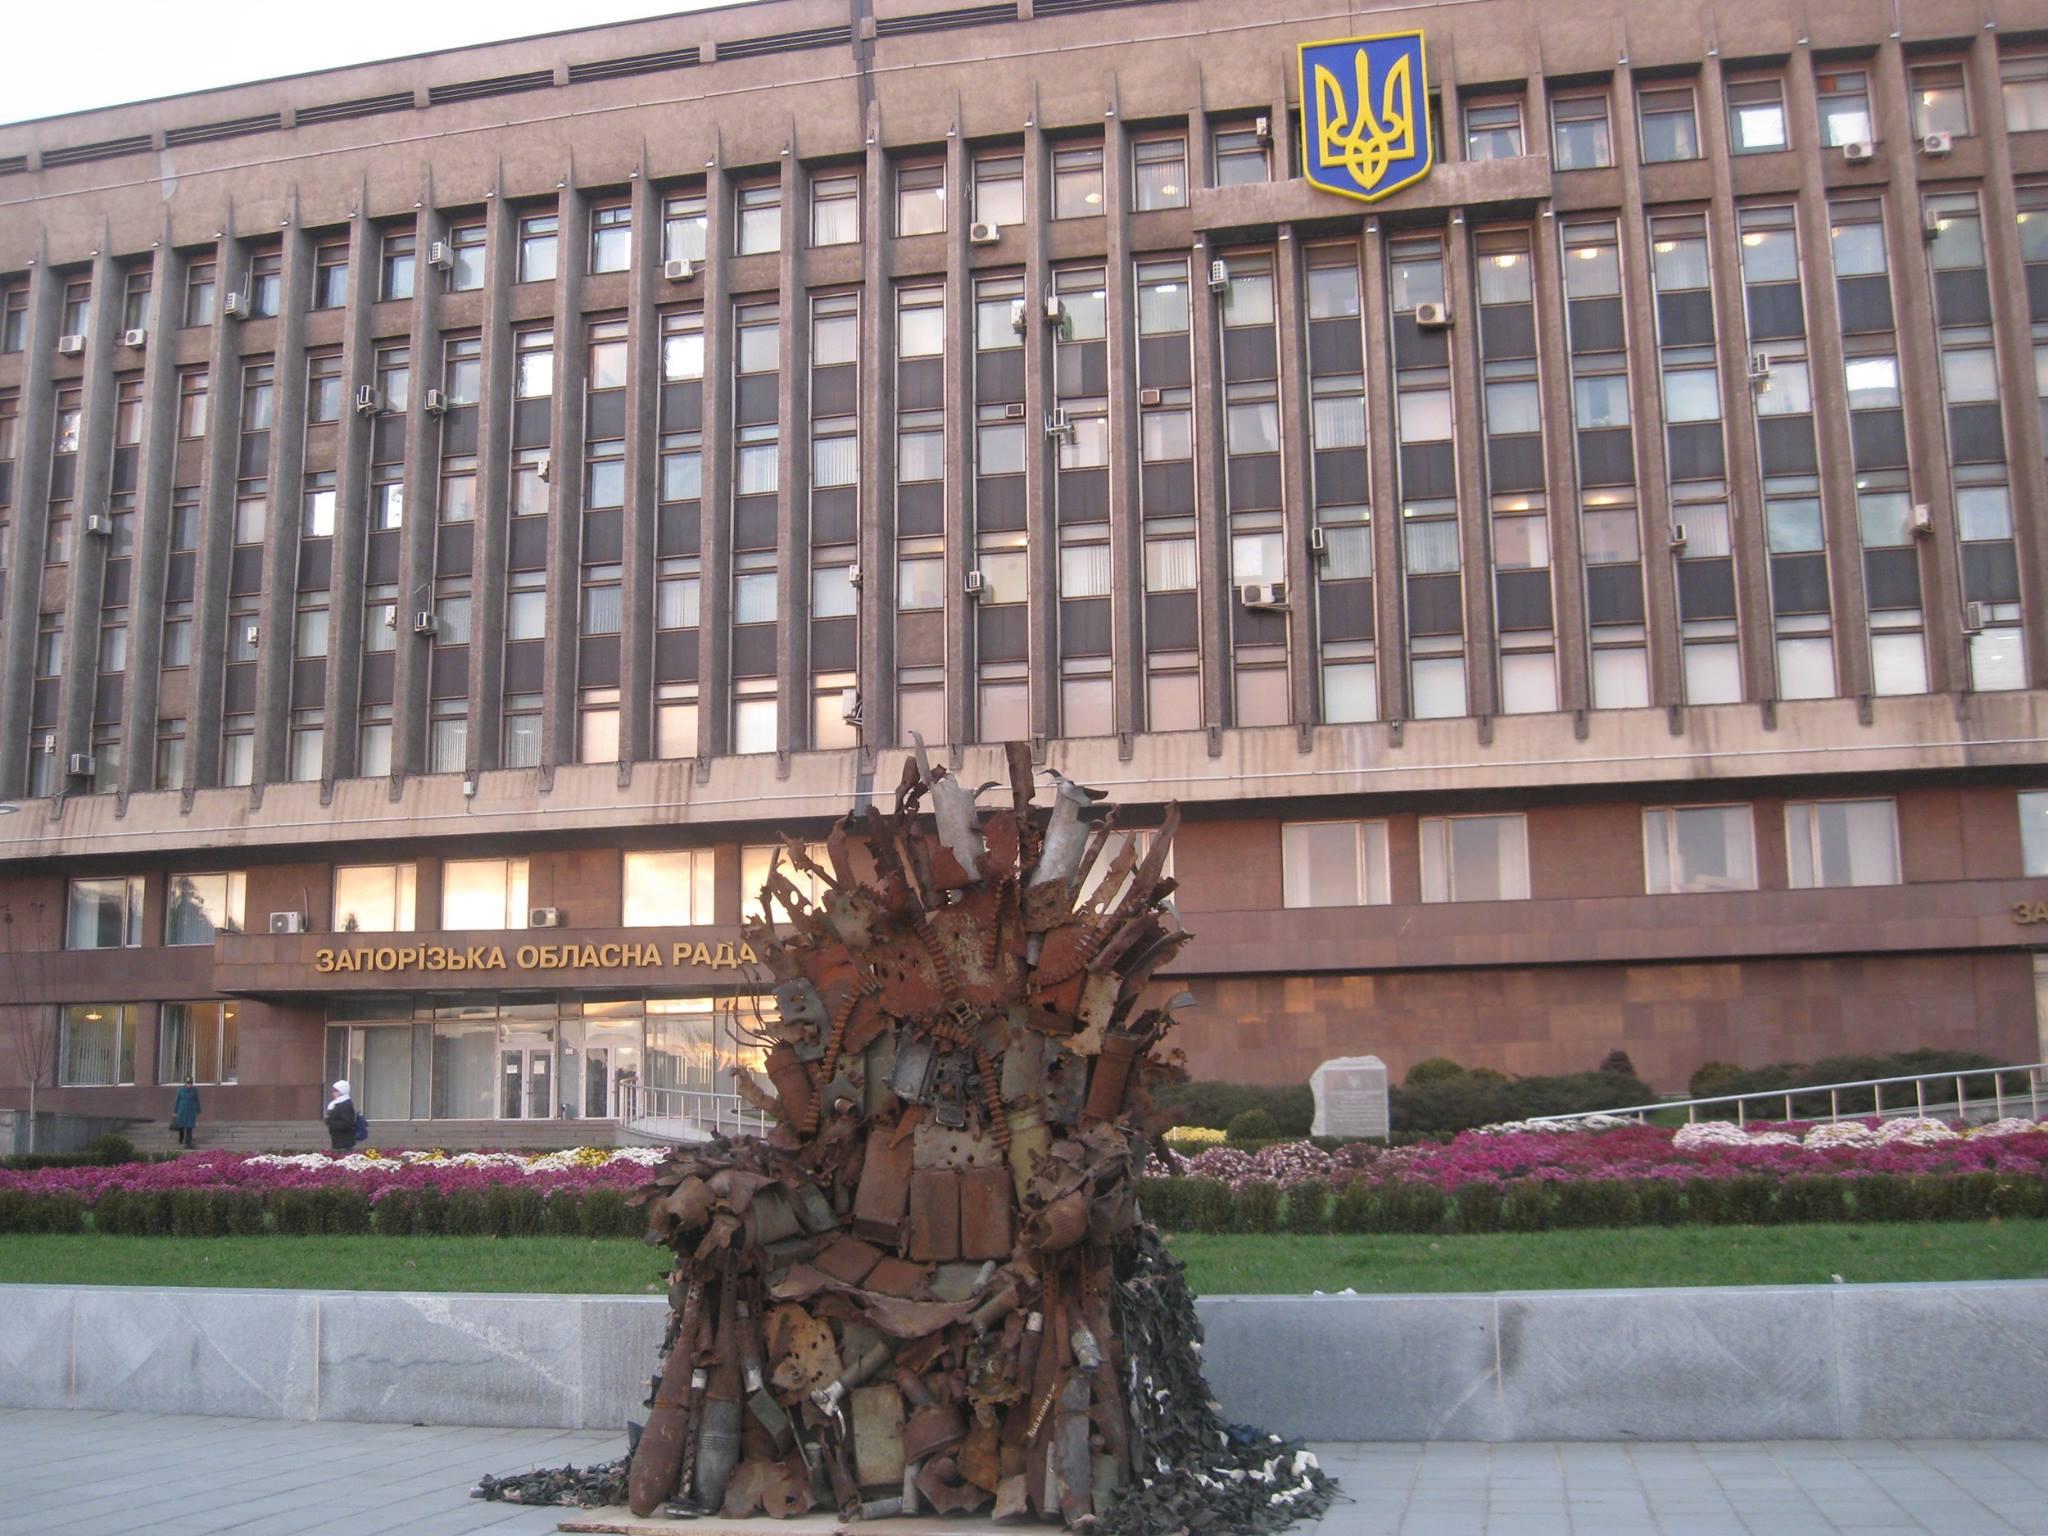 Перед запорожской ОГА выгрузили железный престол весом втонну